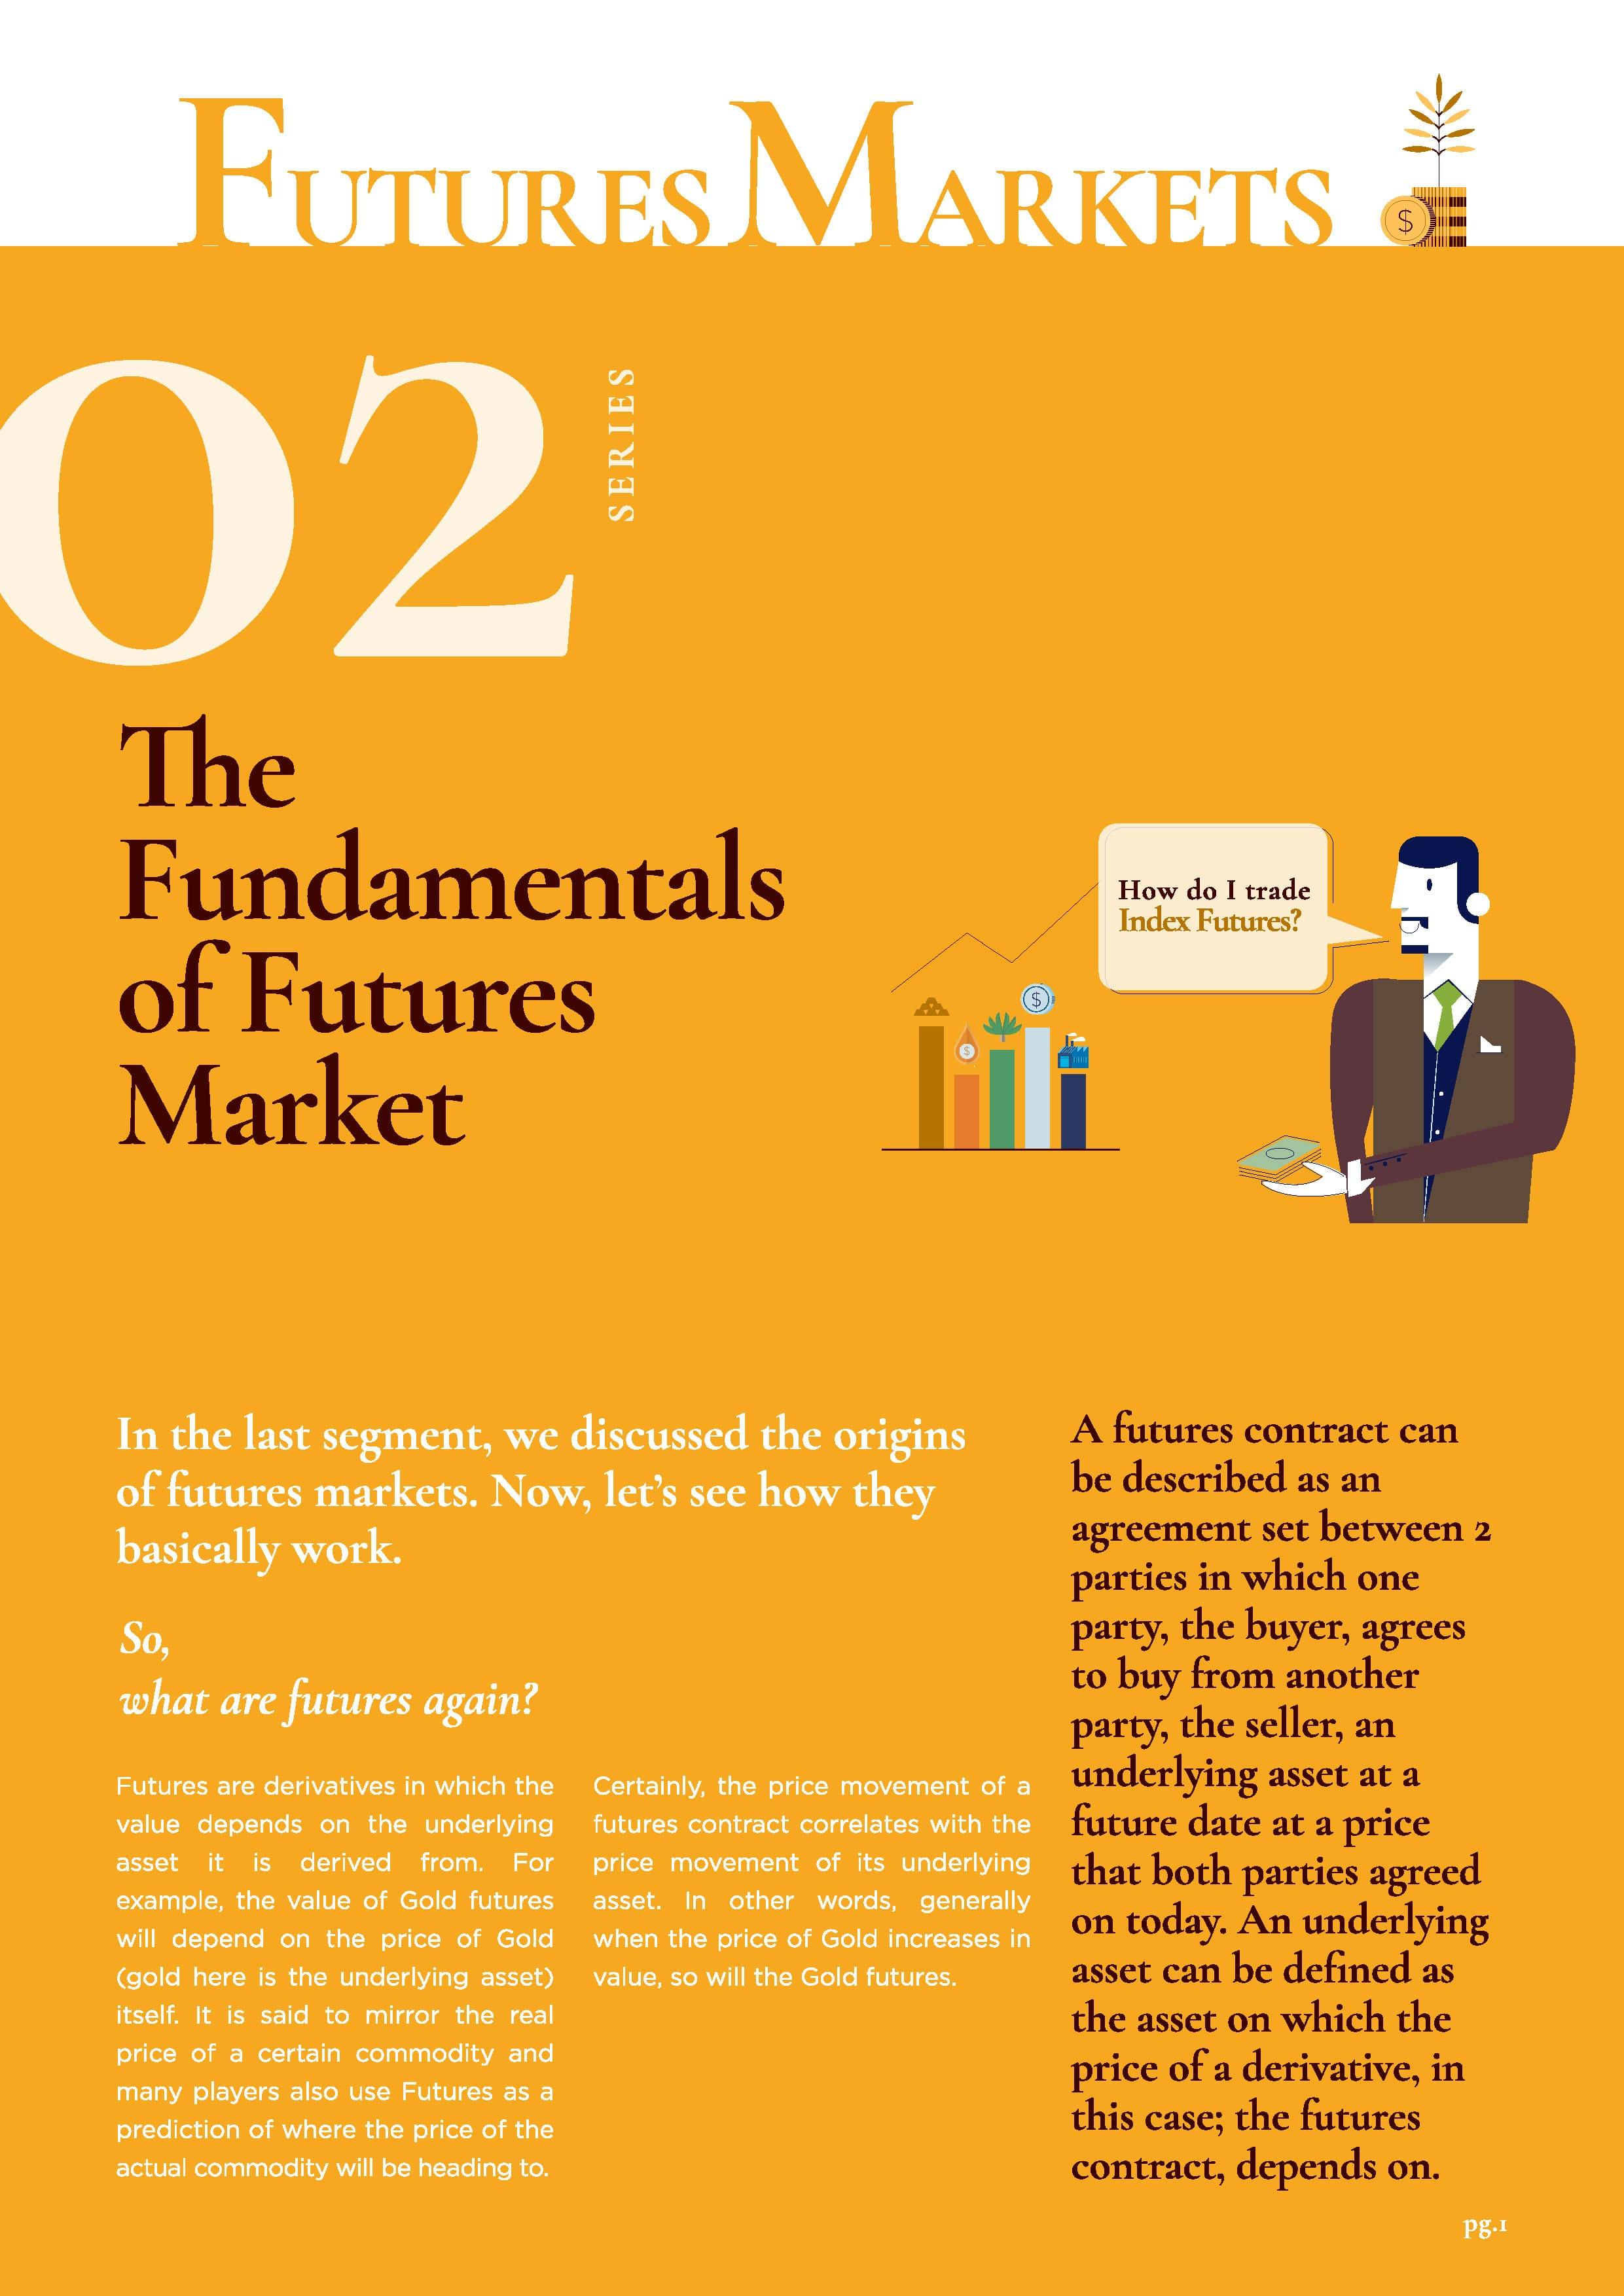 Futures Markets 101: The Fundamentals of Futures Market